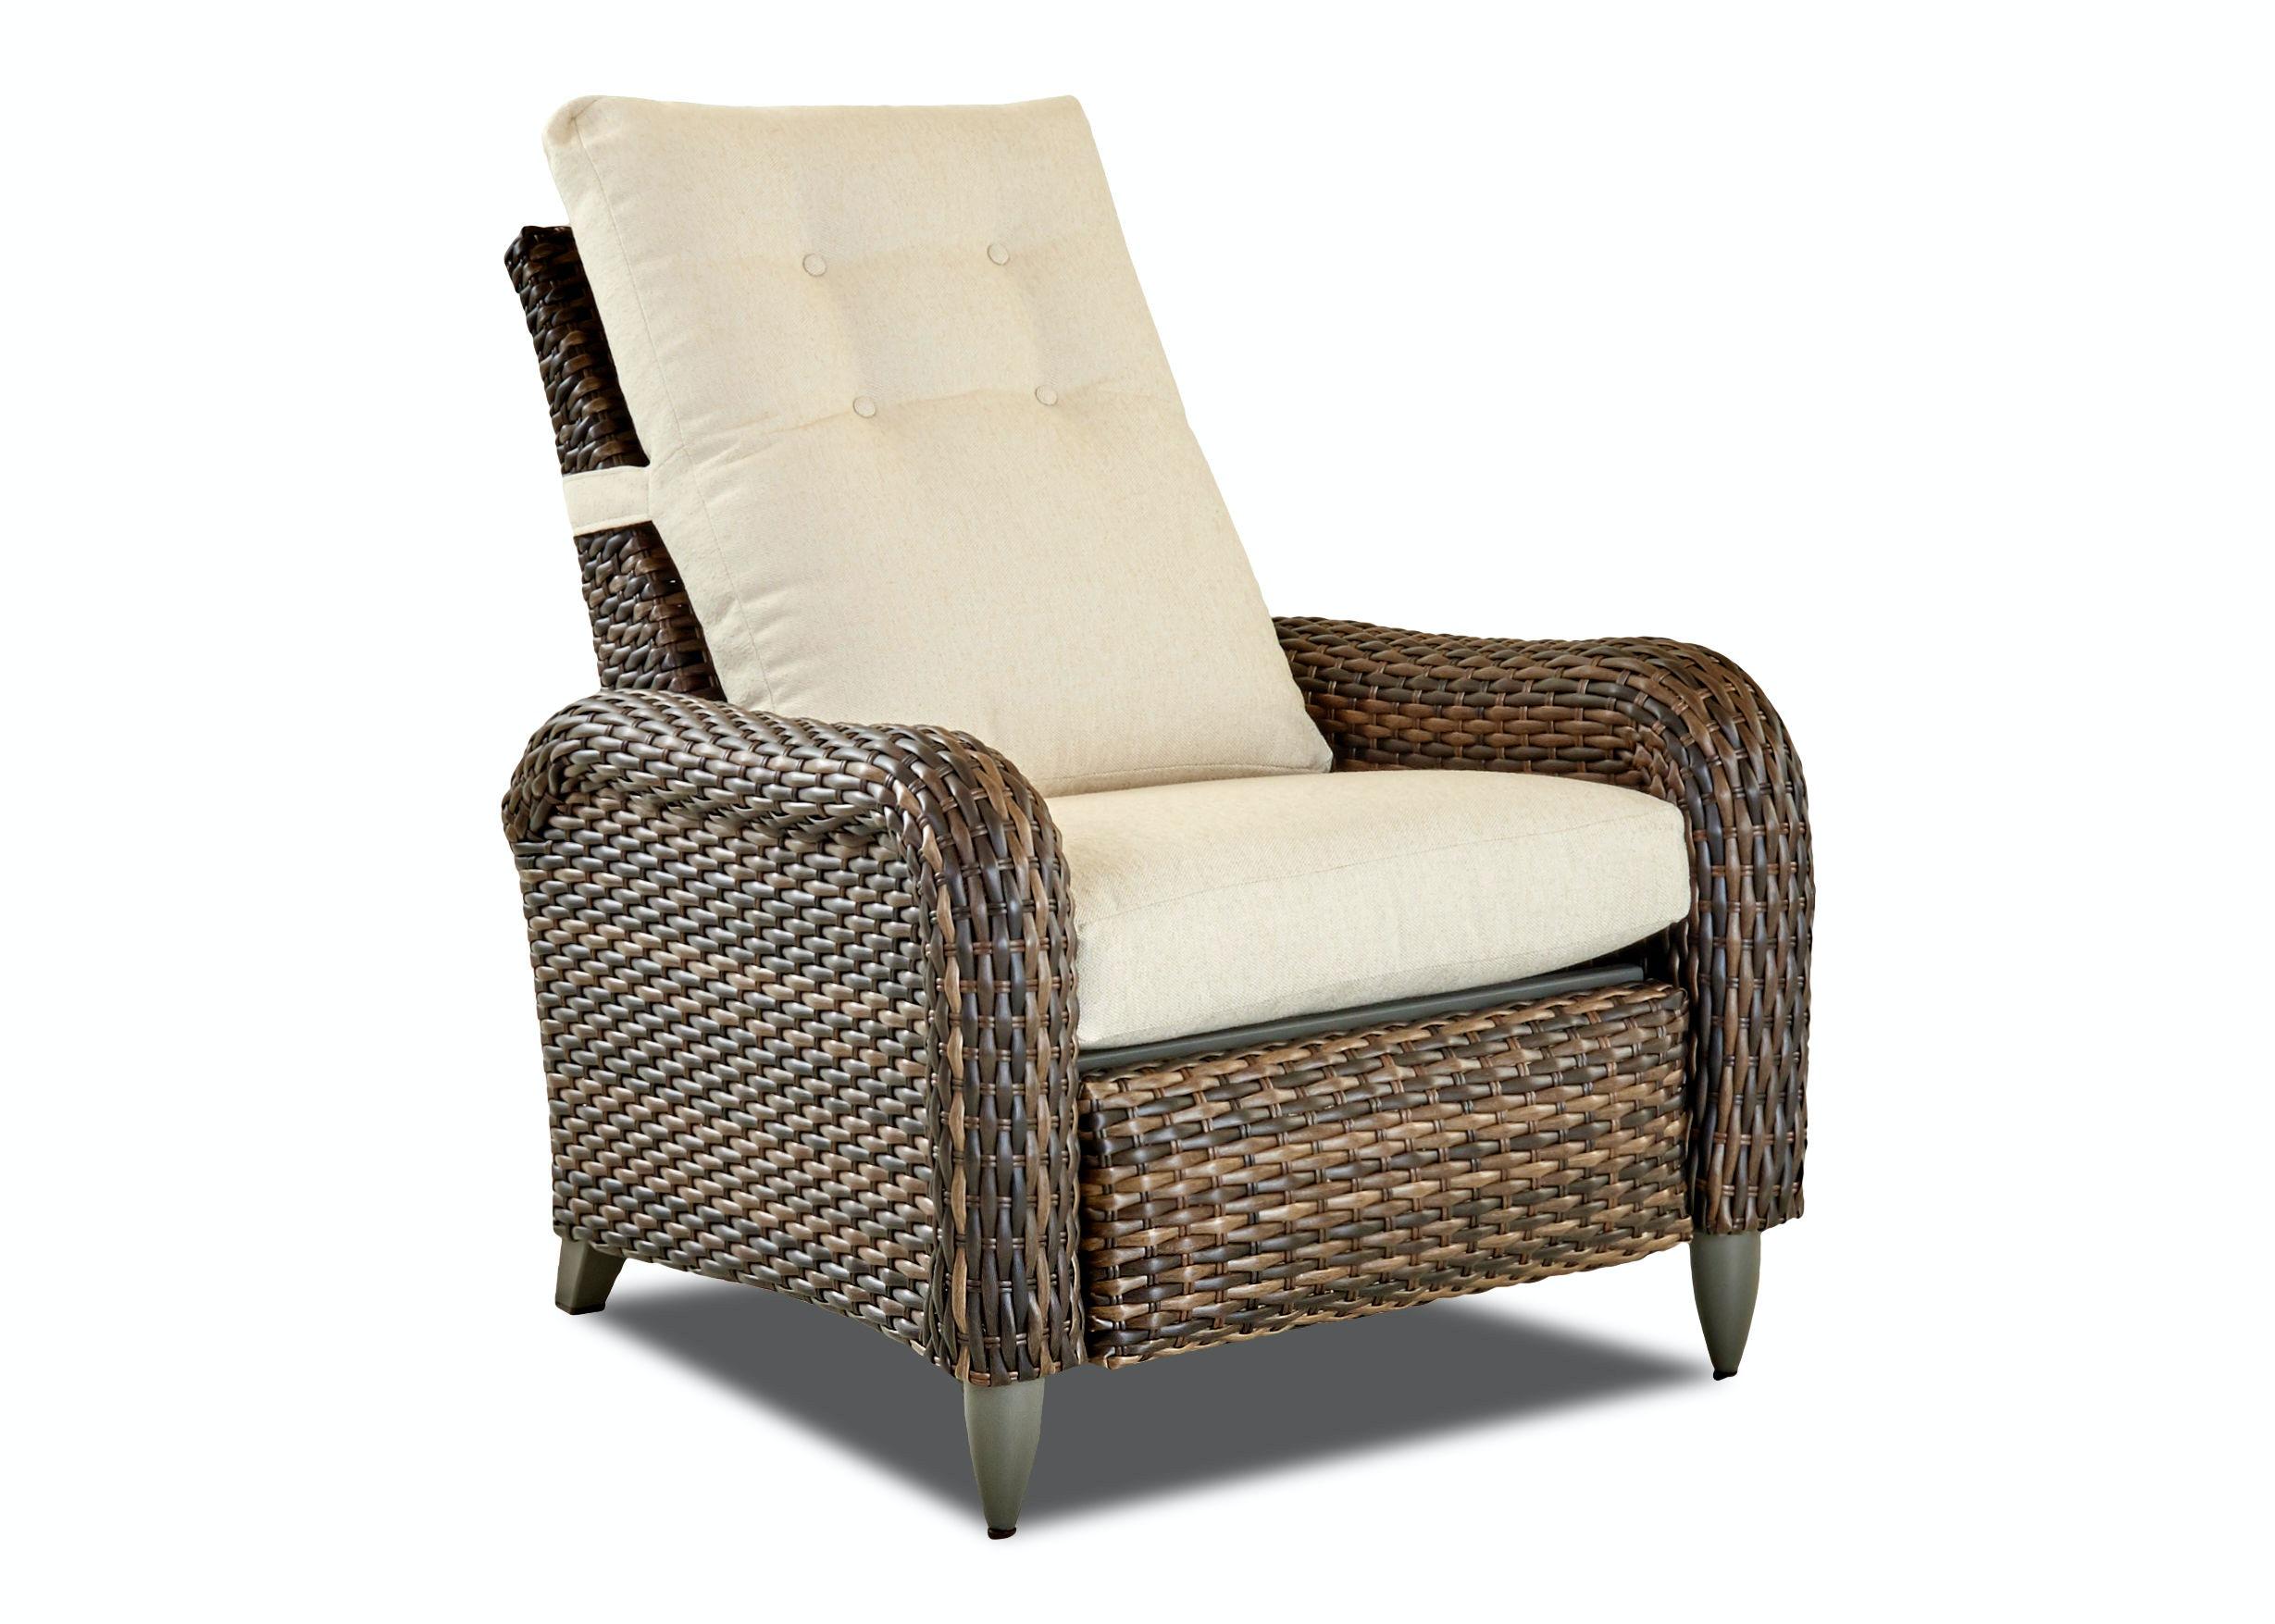 Klaussner Outdoor Duneside High Leg Reclining Chair W5602 HLRC